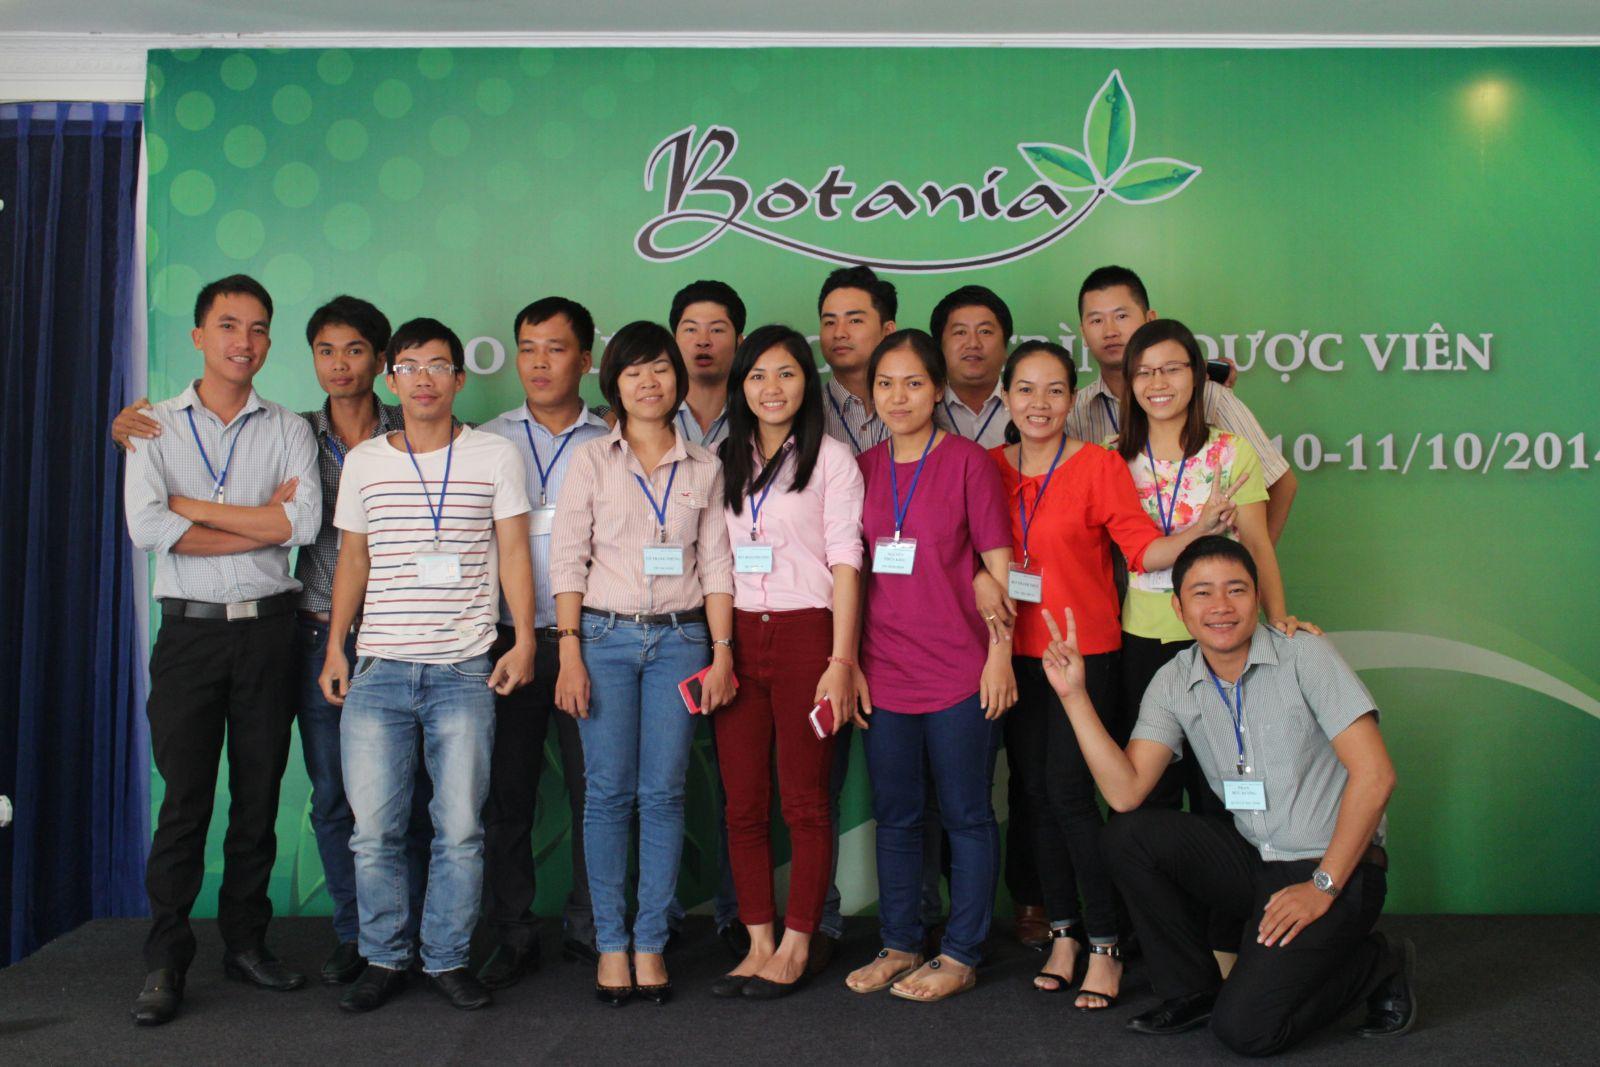 Chùm ảnh sự kiện tập huấn – tổng kết 6 tháng đầu năm 2014 botania